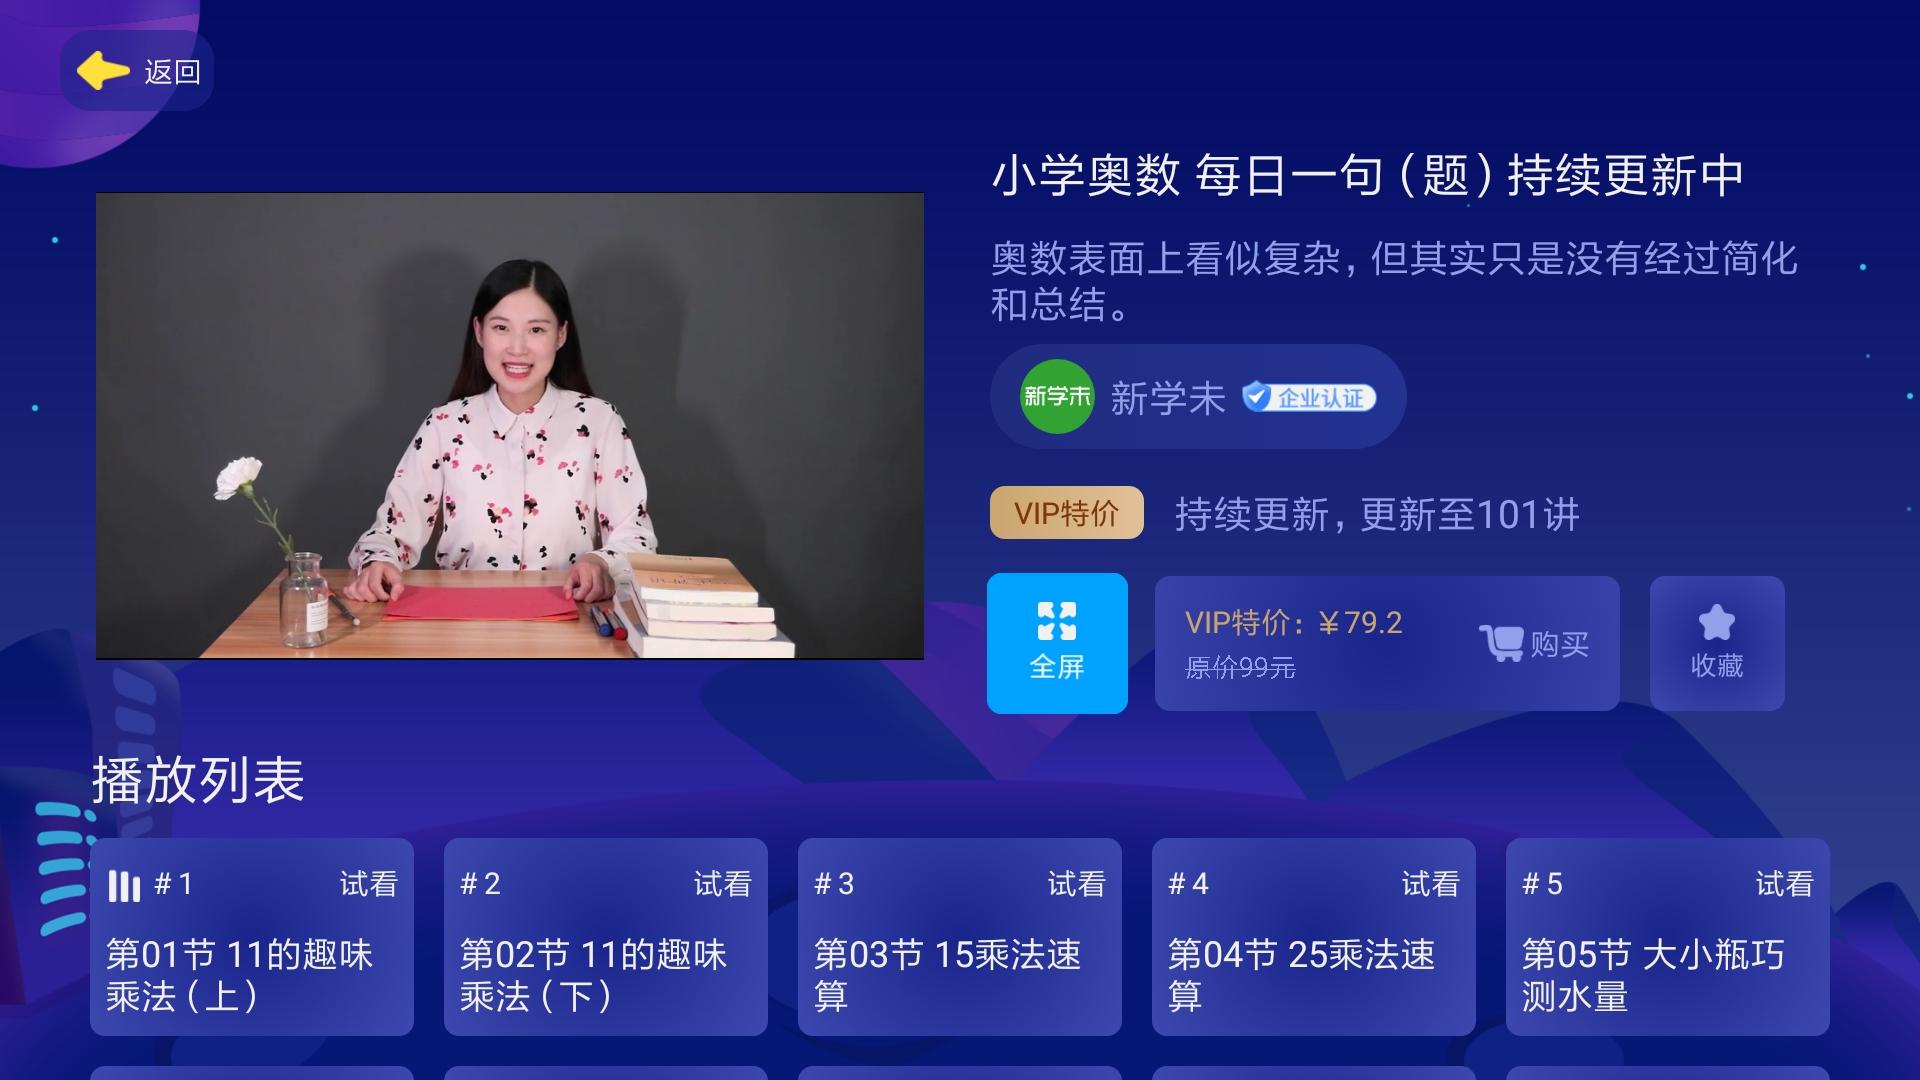 教育 电视 盒子 TV版 影视 视频 APP开发